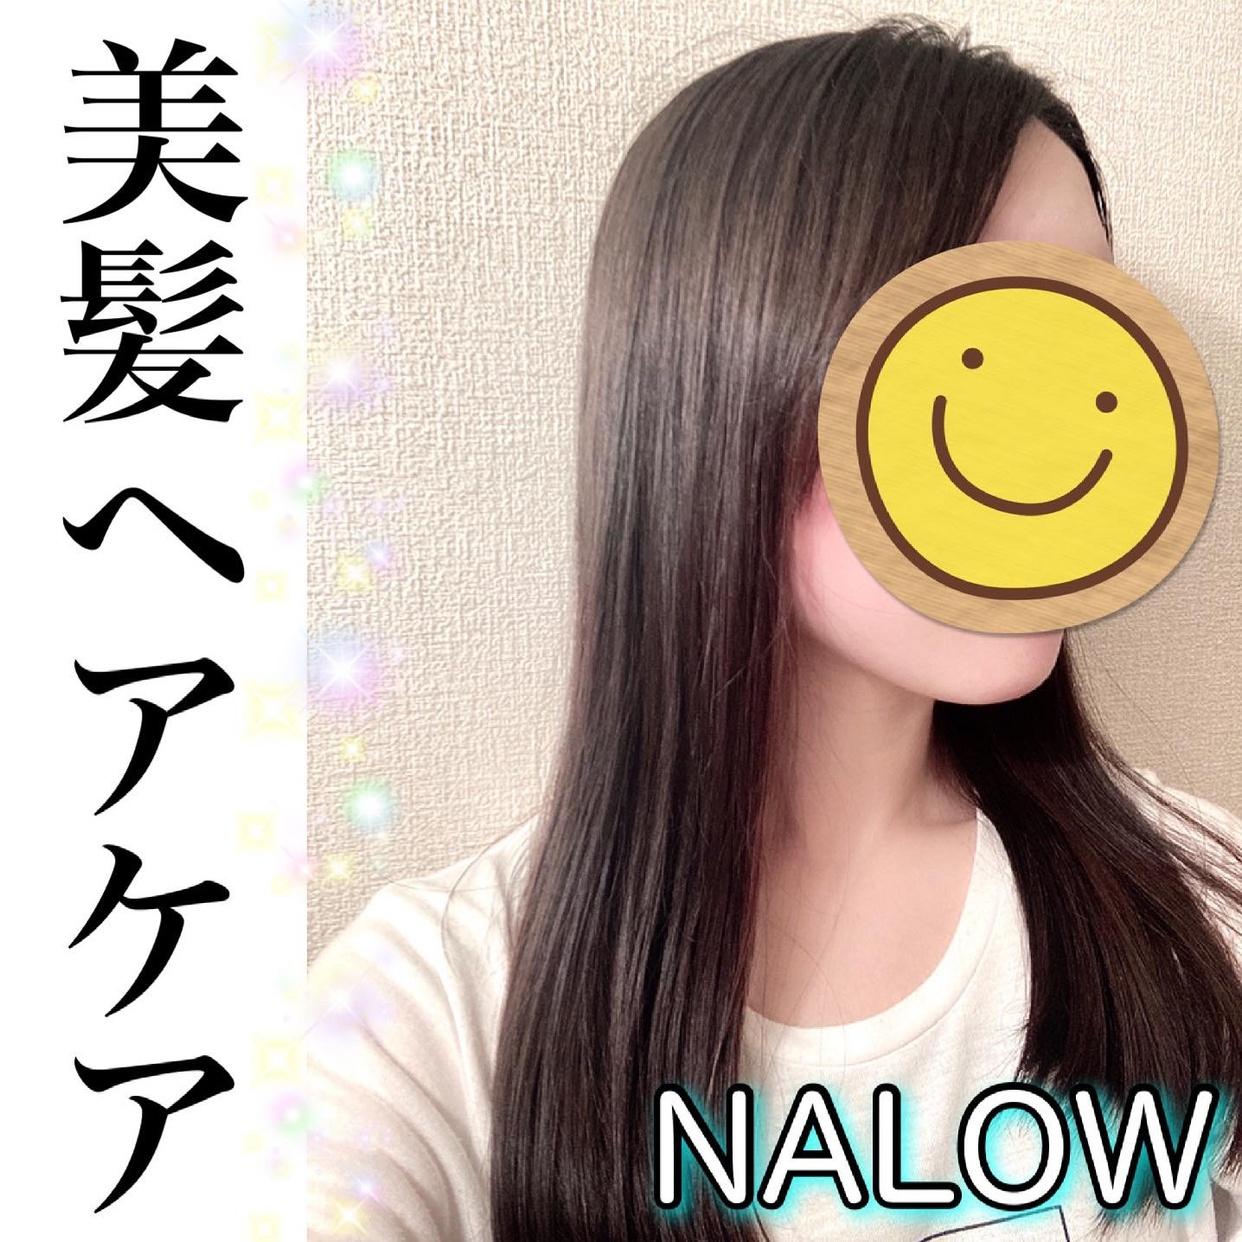 NALOW(ナロウ) スムースモイストシャンプー・トリートメントを使ったyunaさんのクチコミ画像1